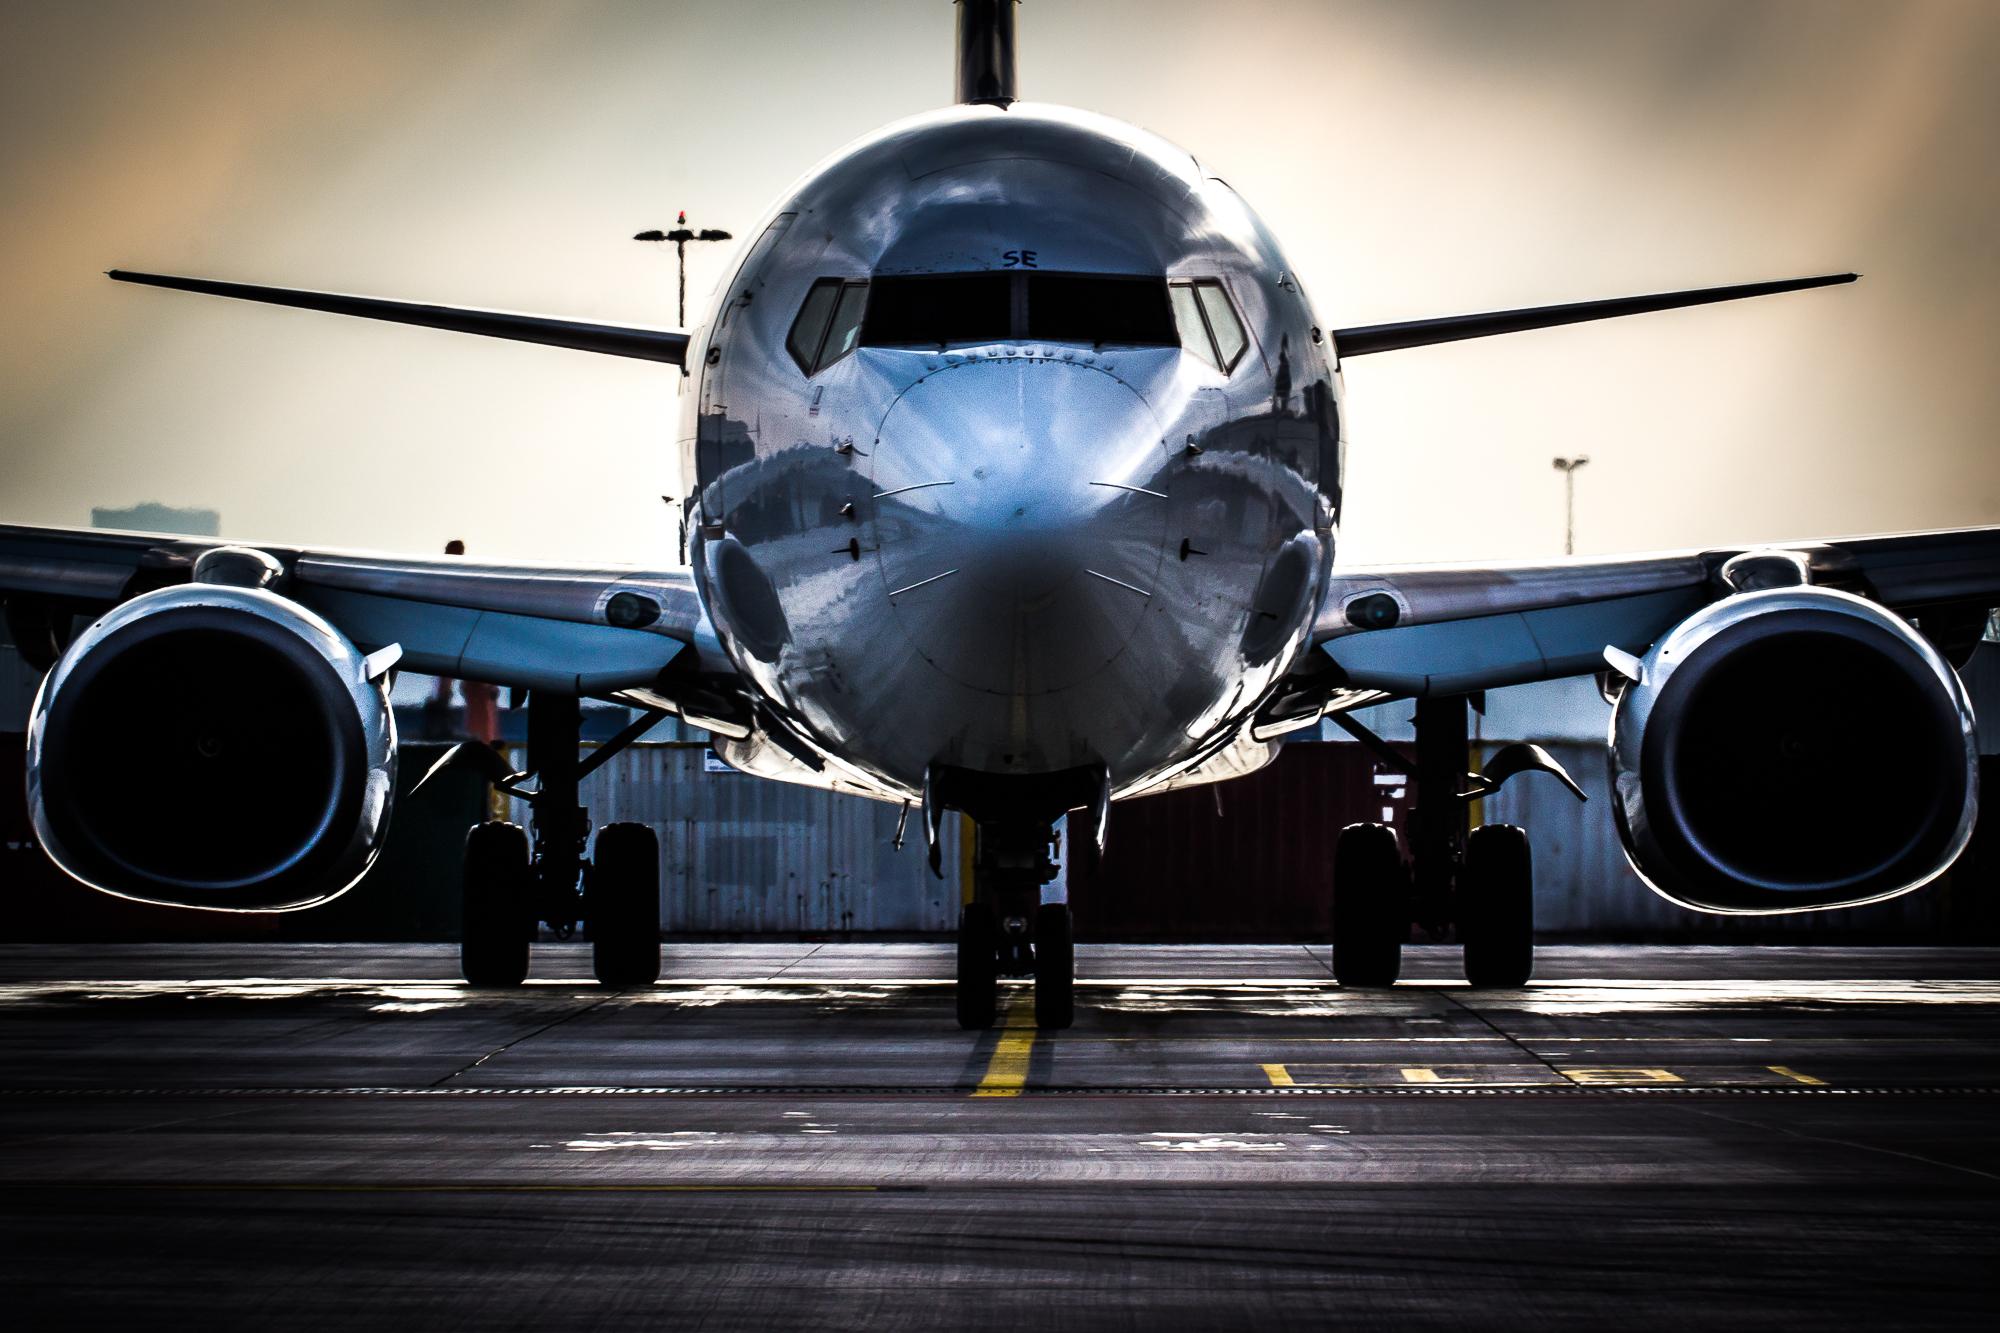 фото самолетов для печати широкий, пляже